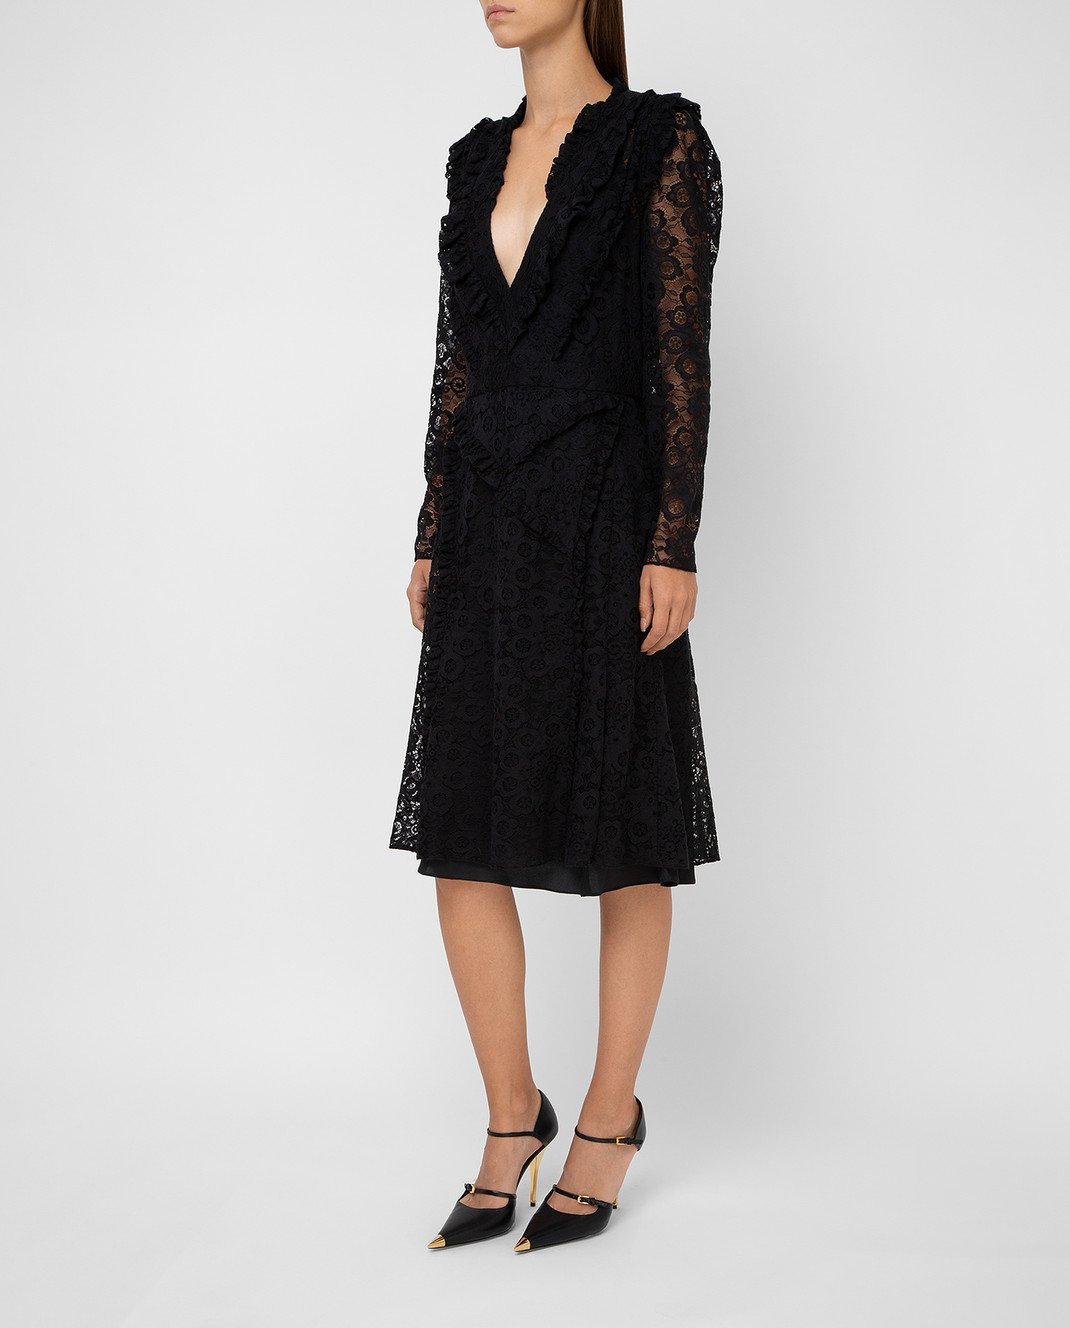 Altuzarra Черное платье 318316795 изображение 3